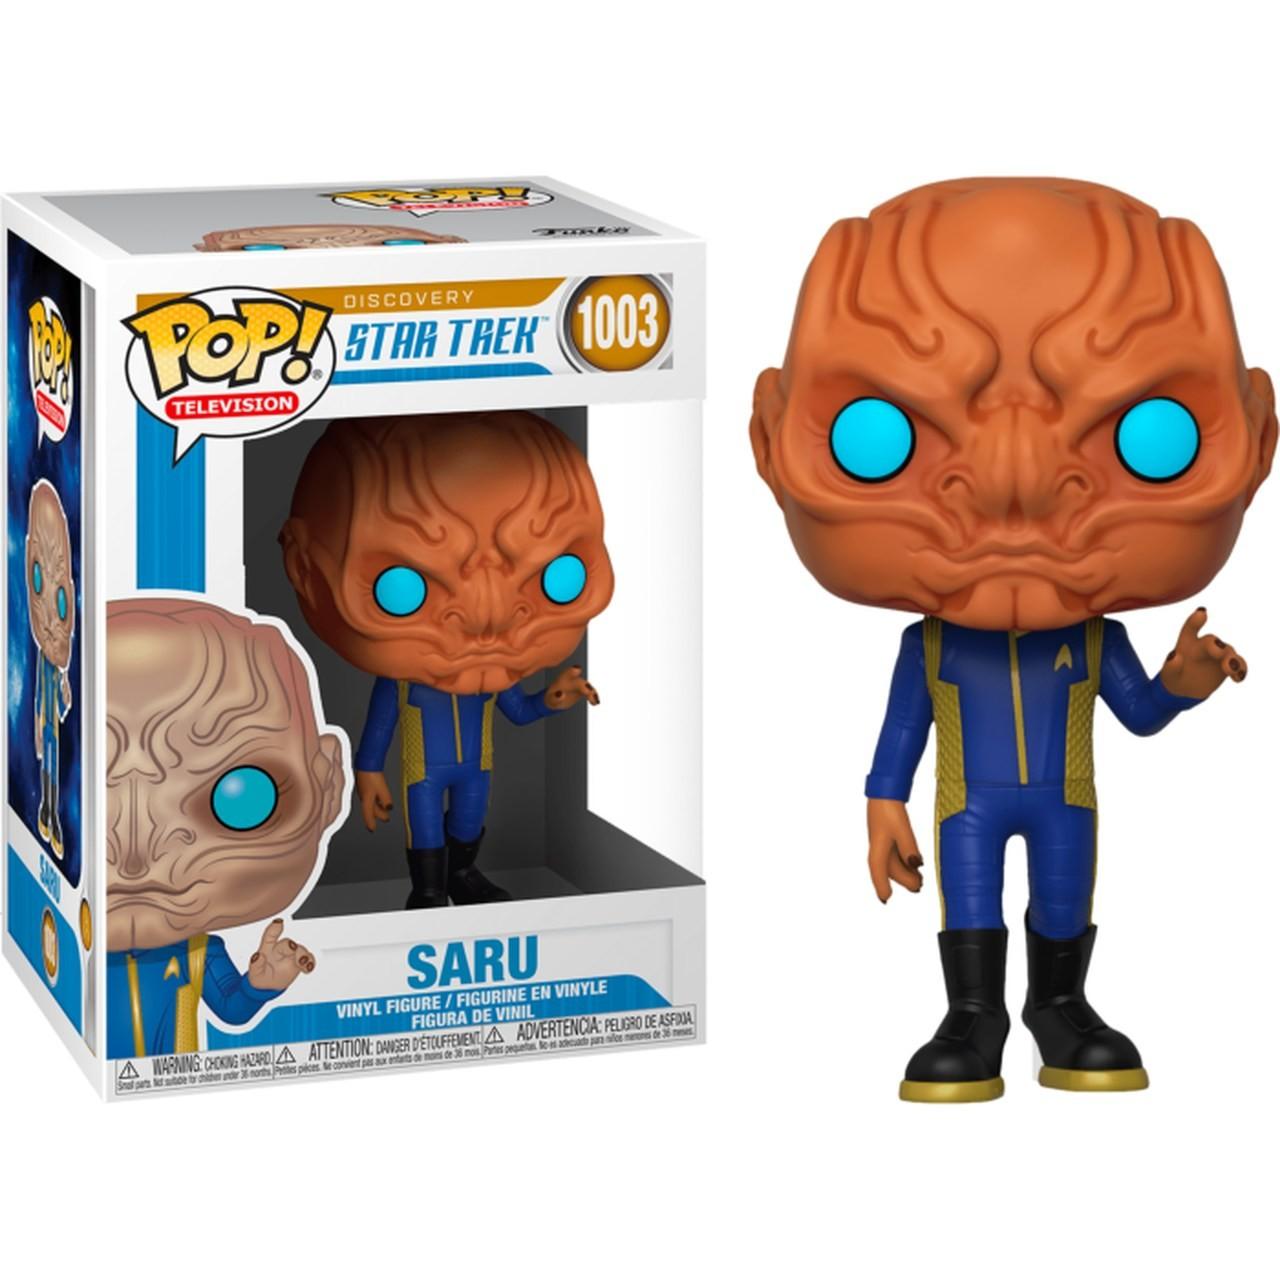 PRÉ VENDA: Funko Pop! Saru: Star Trek - Discovery #1003 - Funko - EV